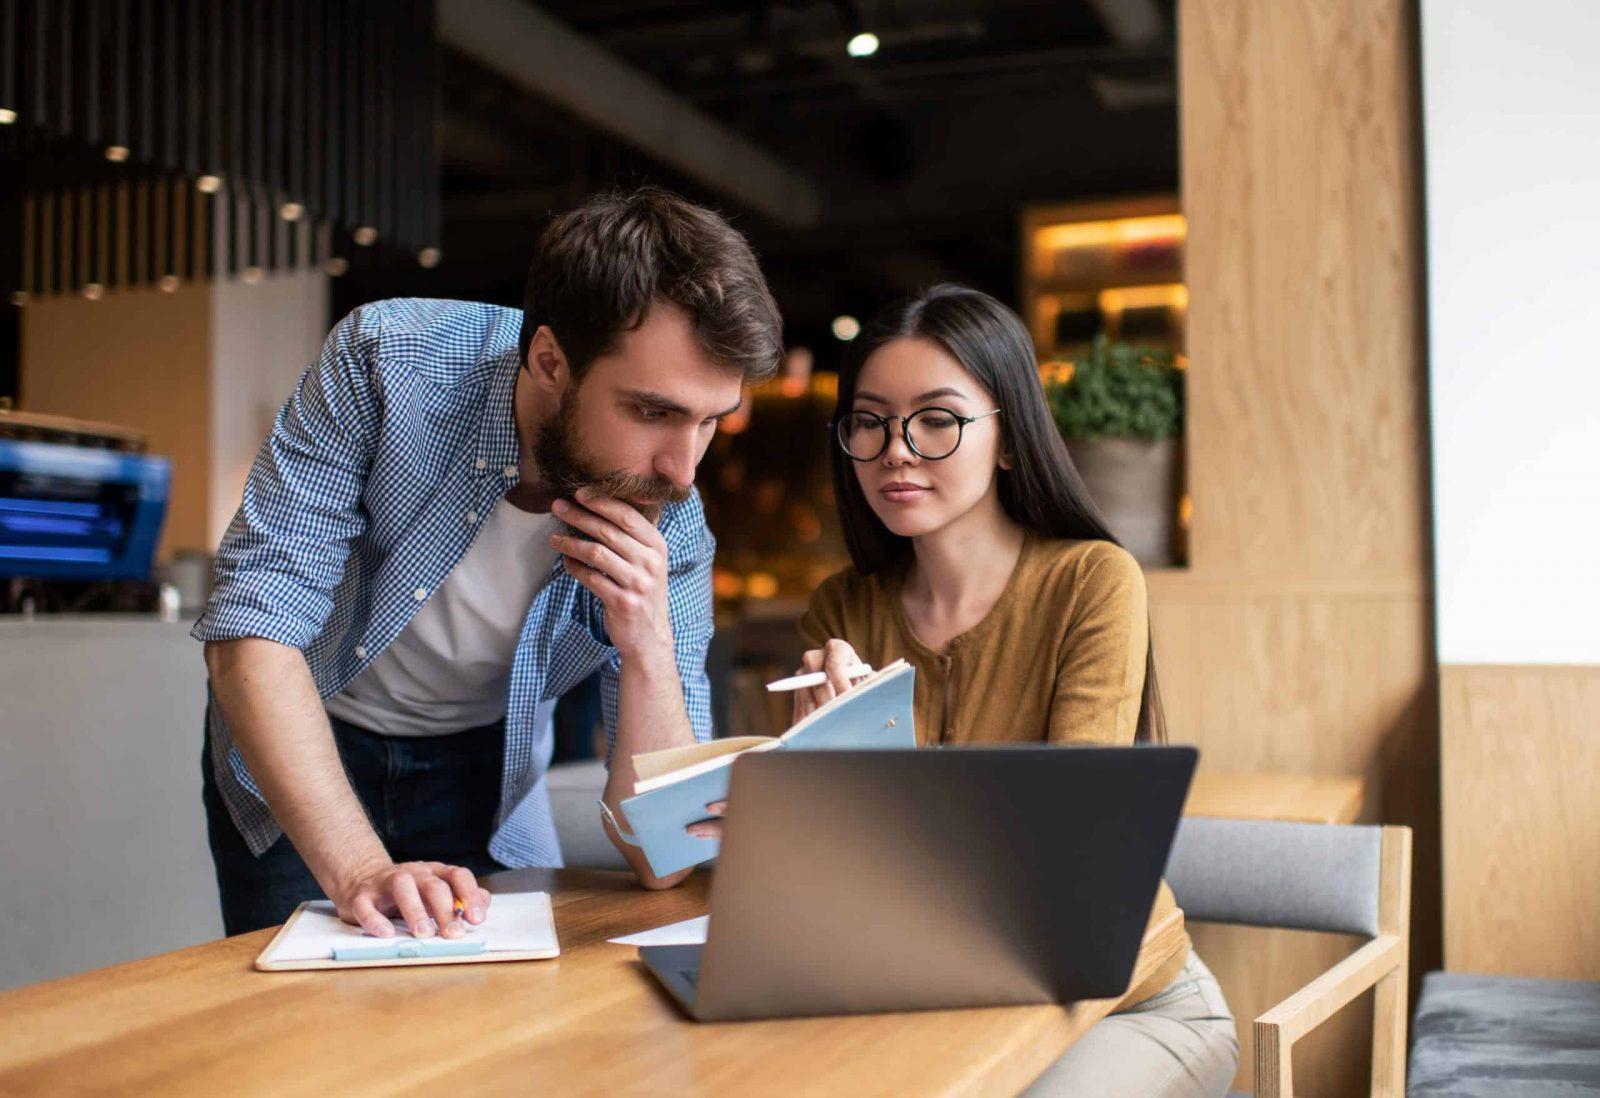 איך לפתוח עסק אונליין רווחי עם שיווק שותפים